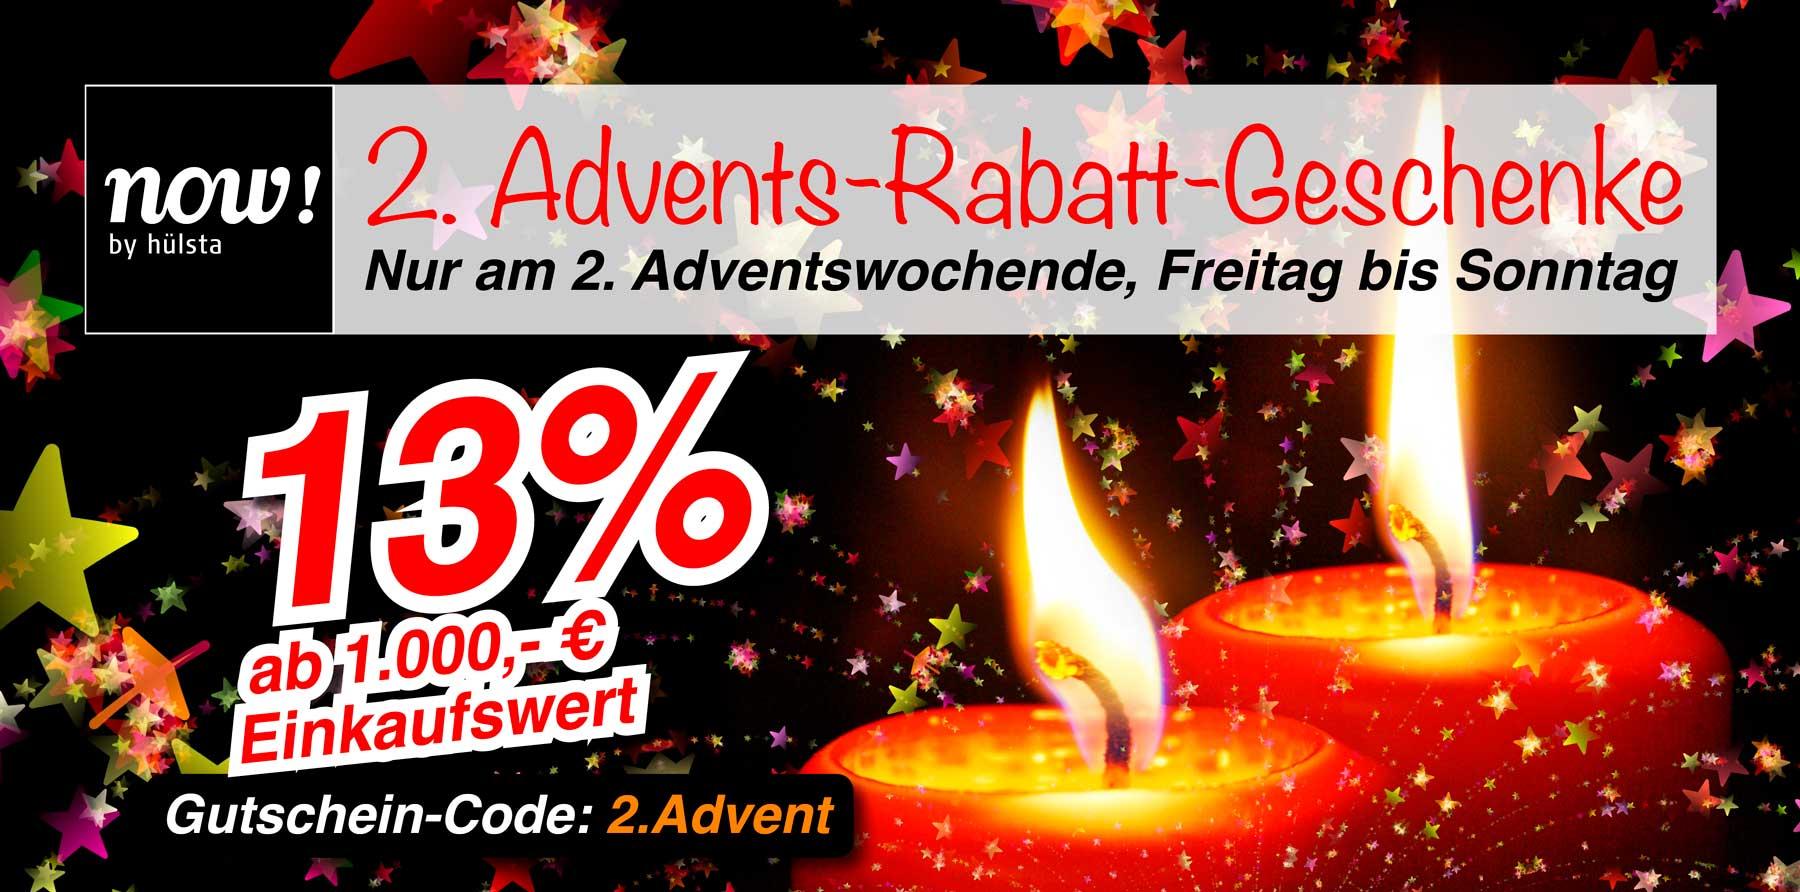 +++ JETZT SCHNELL AM 2. ADVENT WOCHENENDE SPAREN!+++